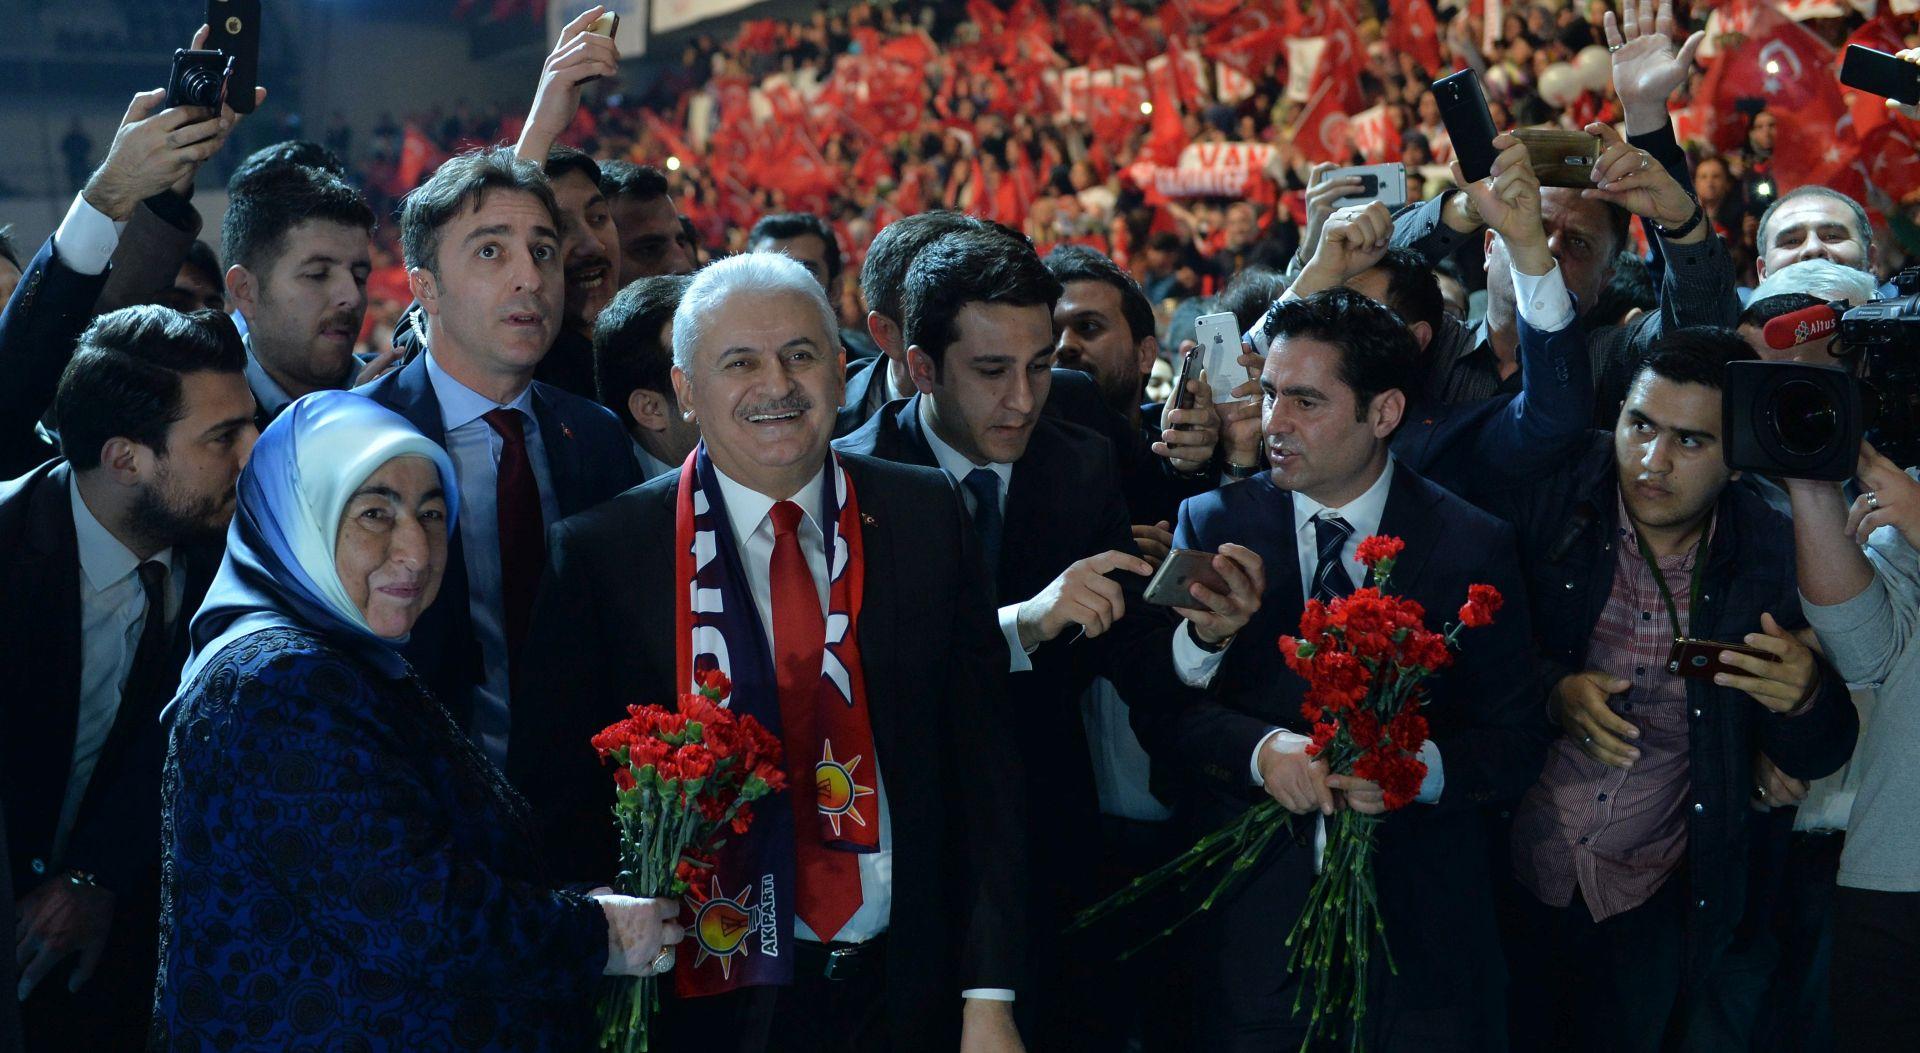 TURSKA: AKP u kampanji za ustavne promjene